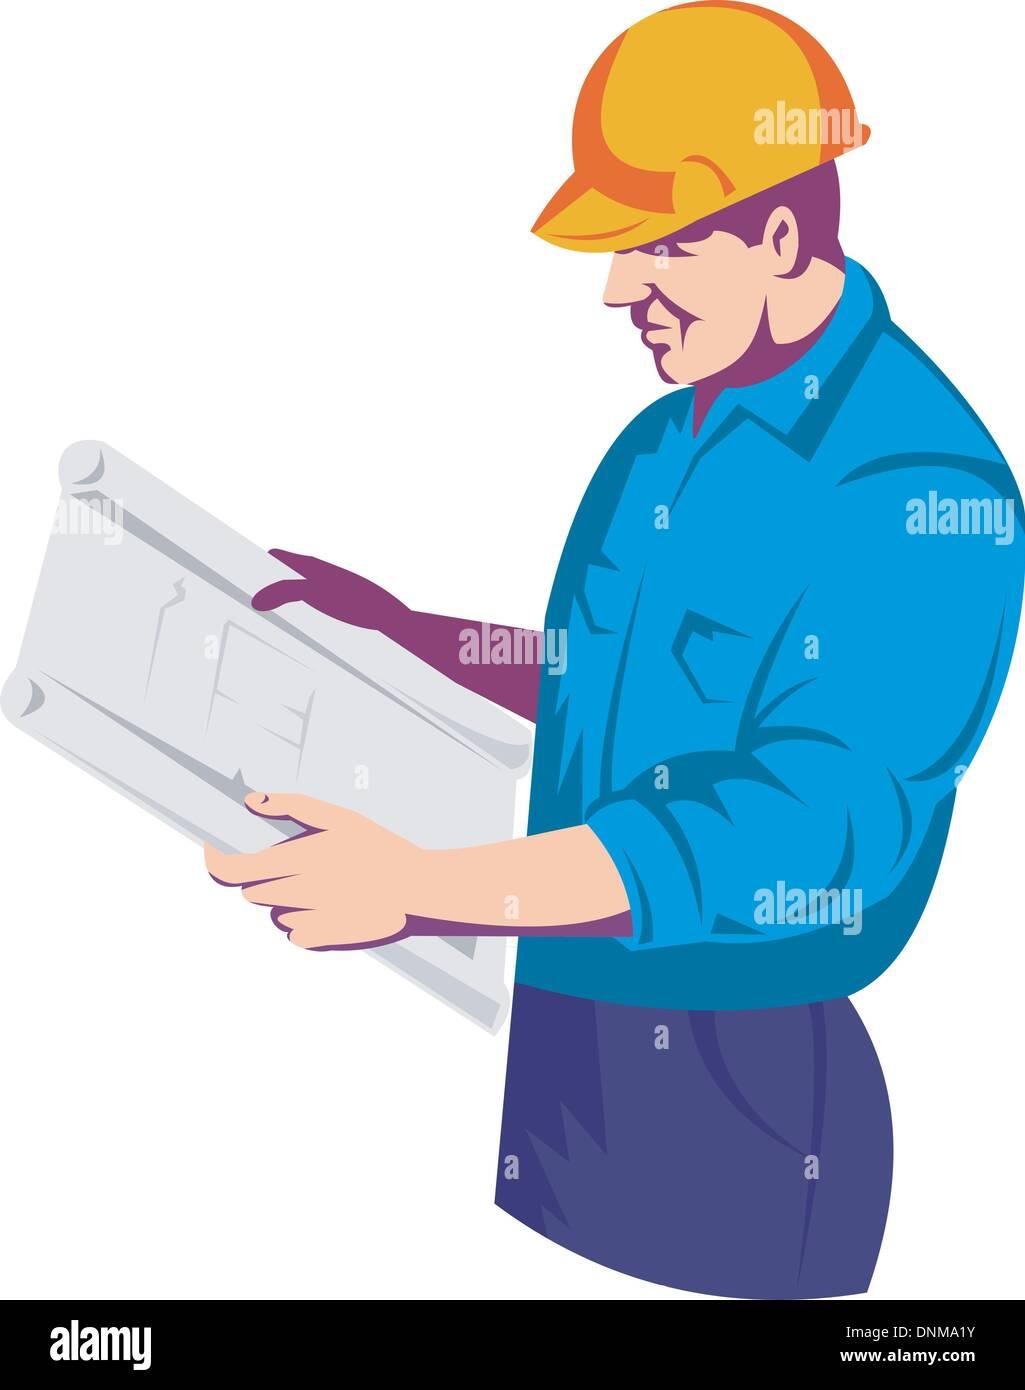 Supervisor Vector Vectors Imágenes De Stock & Supervisor Vector ...